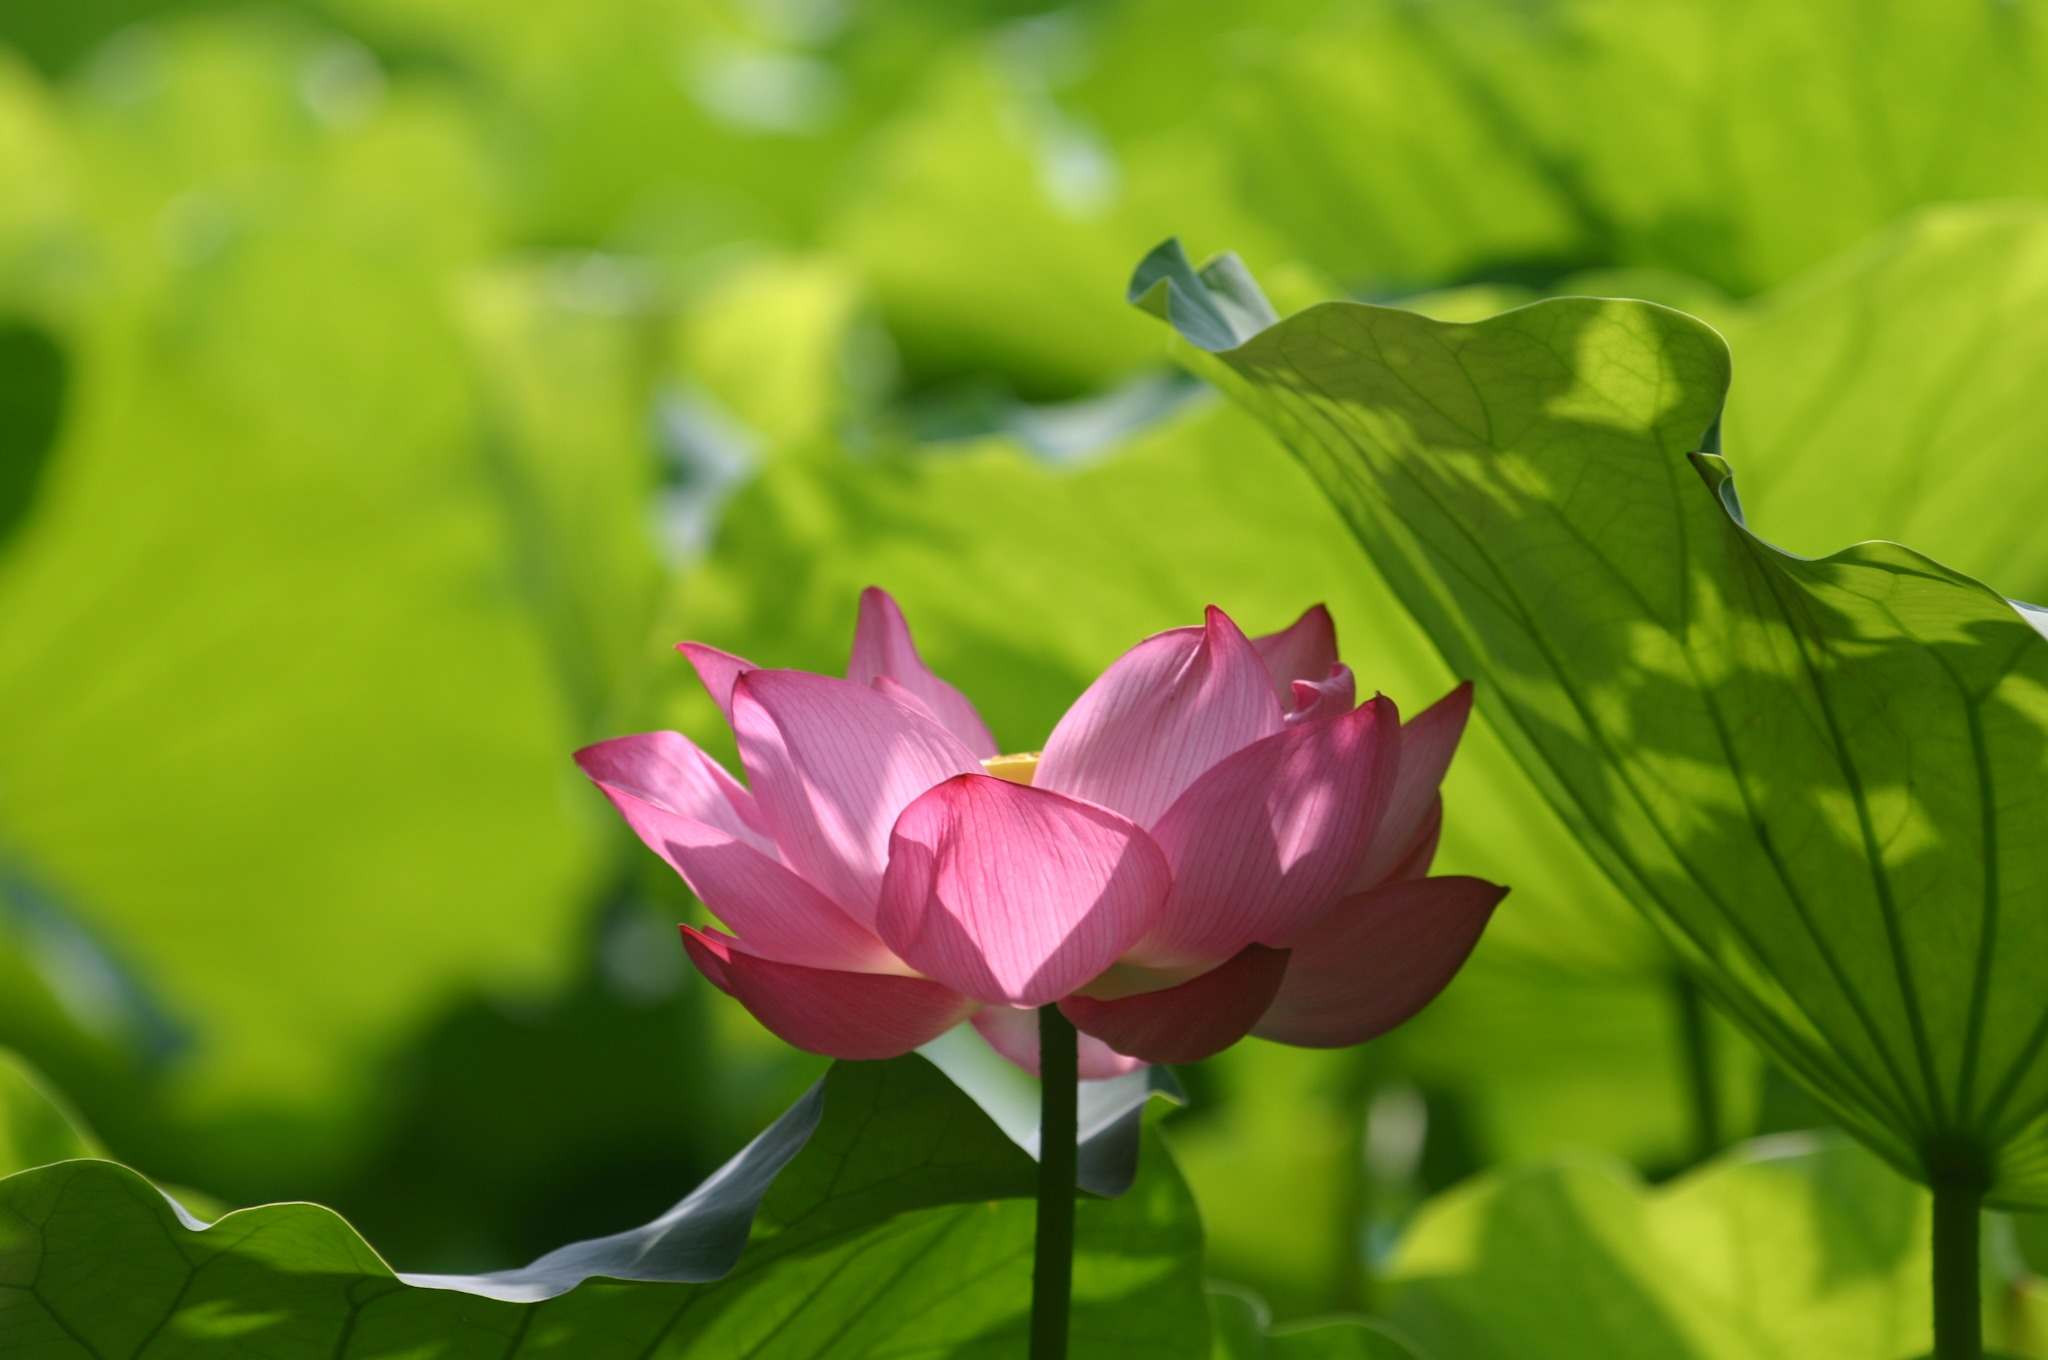 ハスの花が咲く